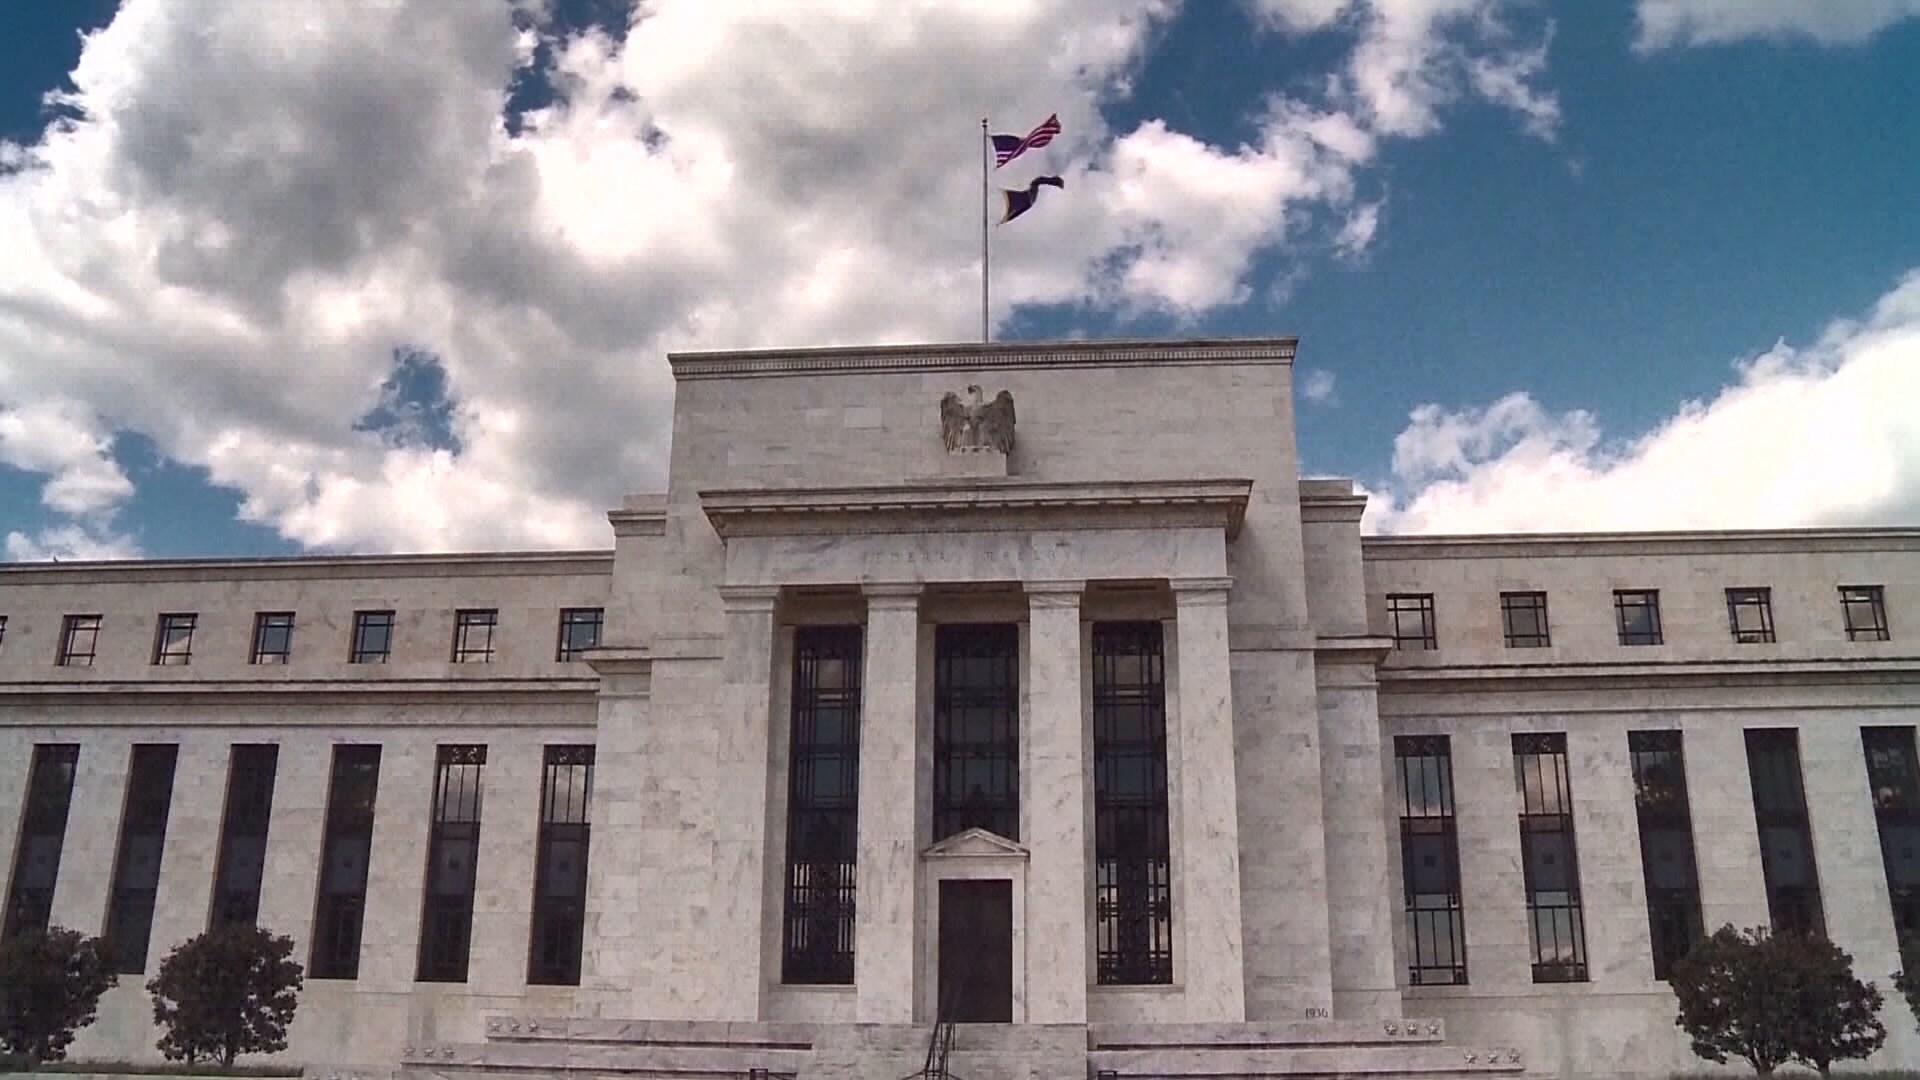 會議紀錄:未來一段時間對利率保持耐性合適